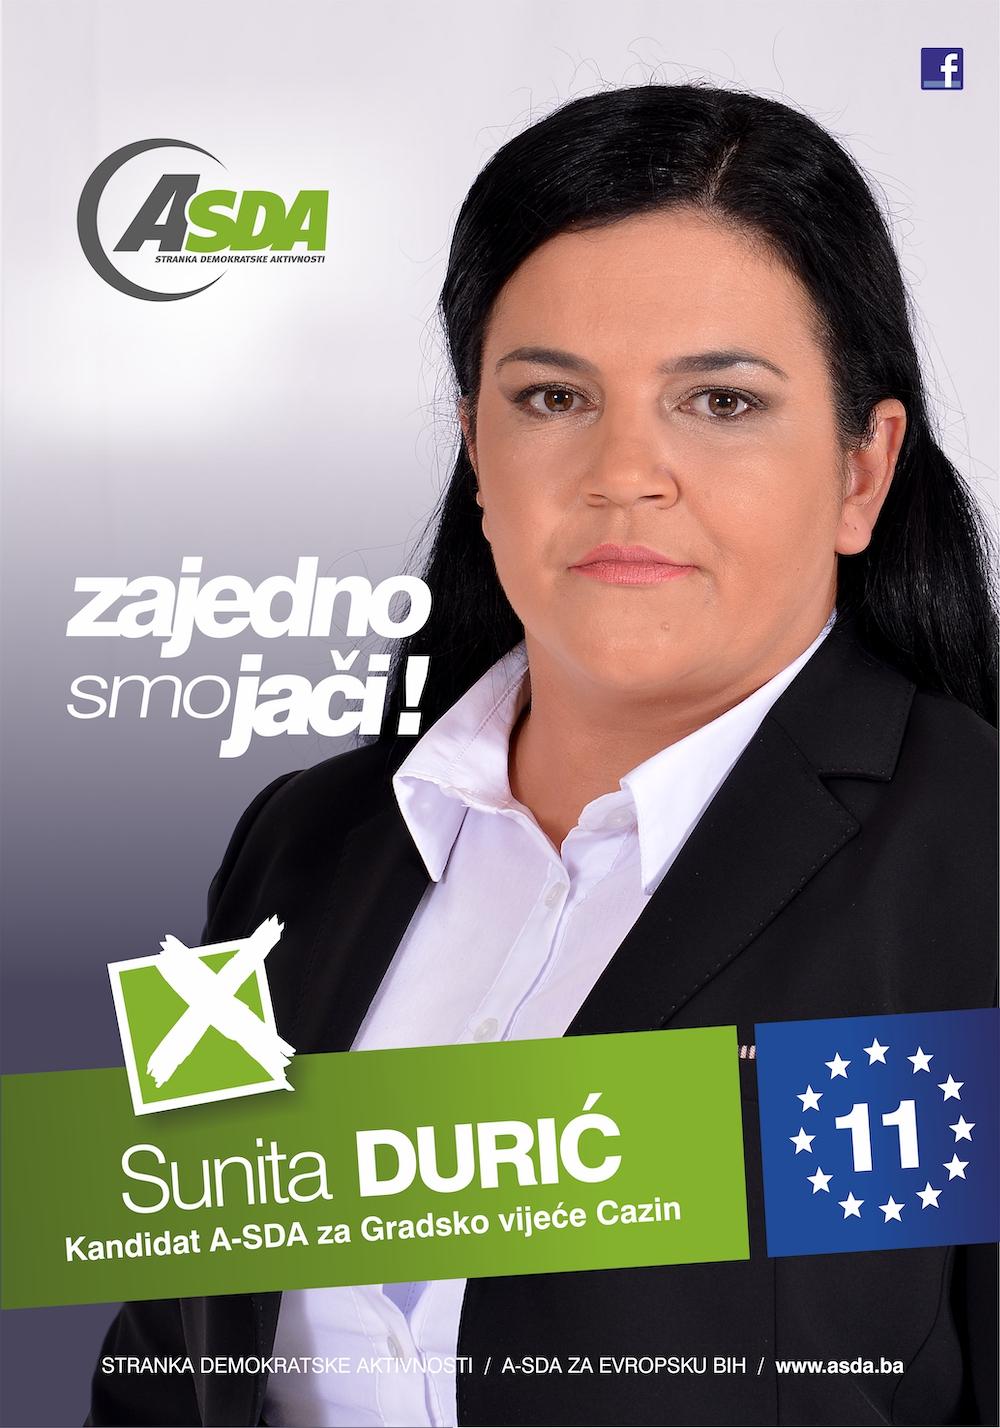 Sunita Durić